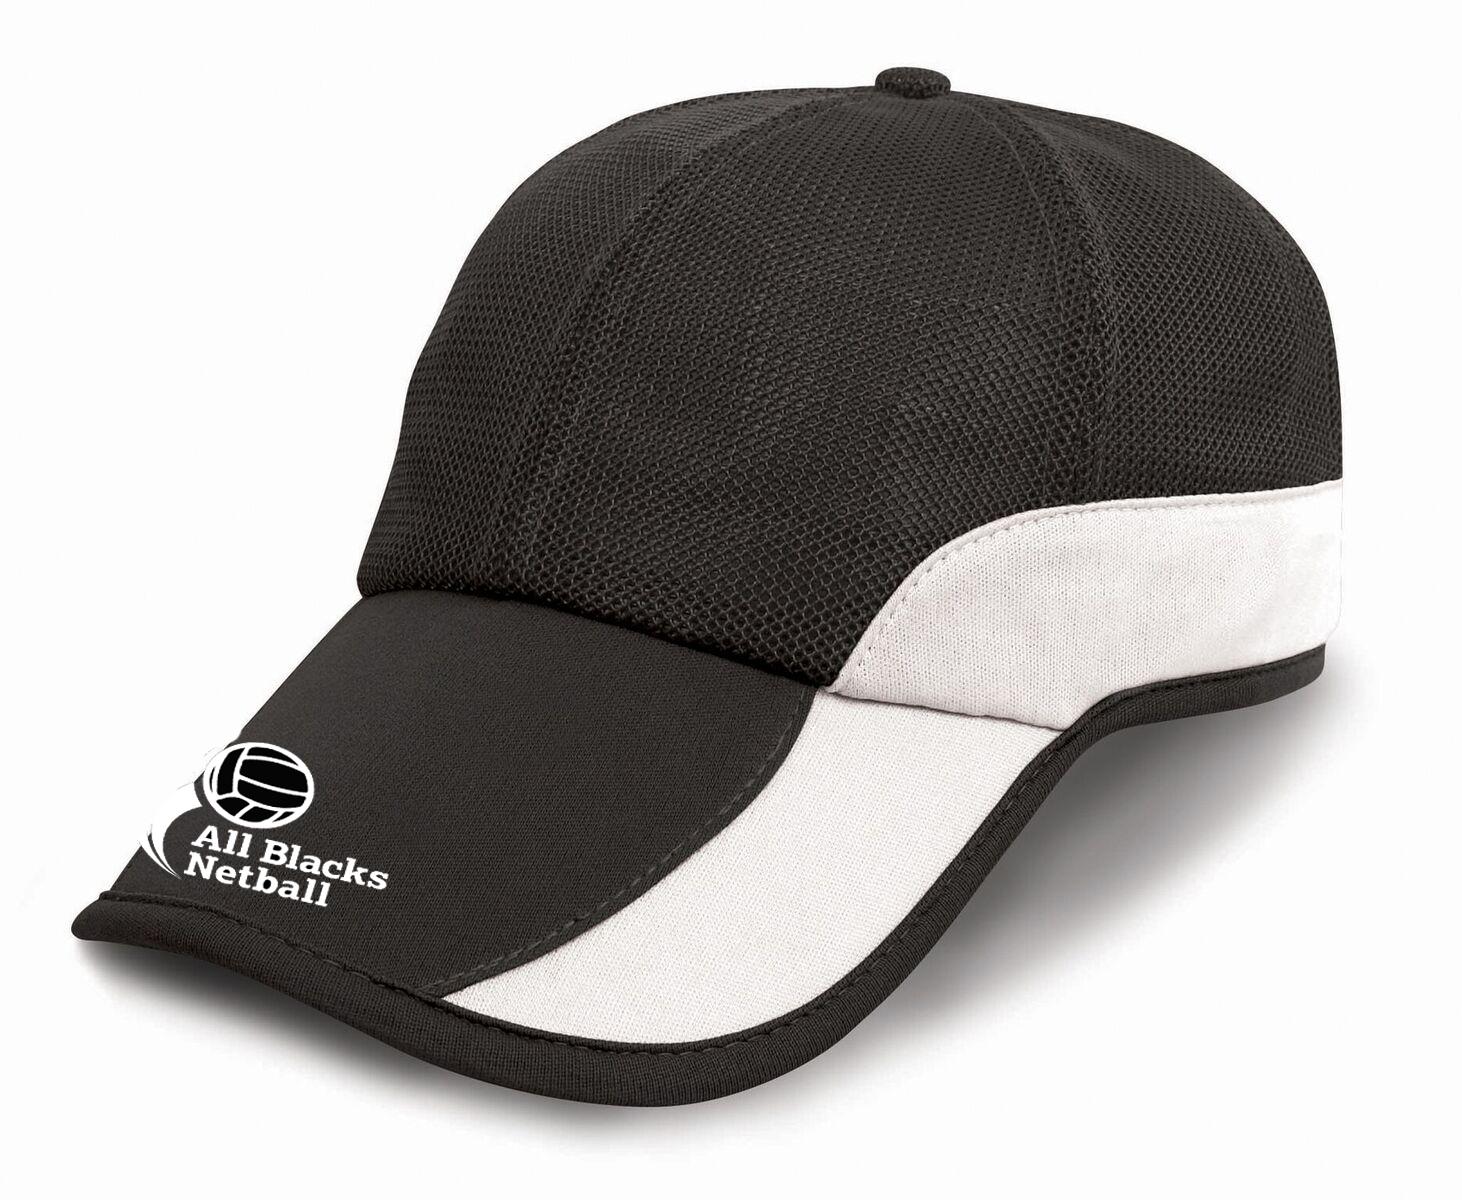 ALL BLACKS NETBALL CAP